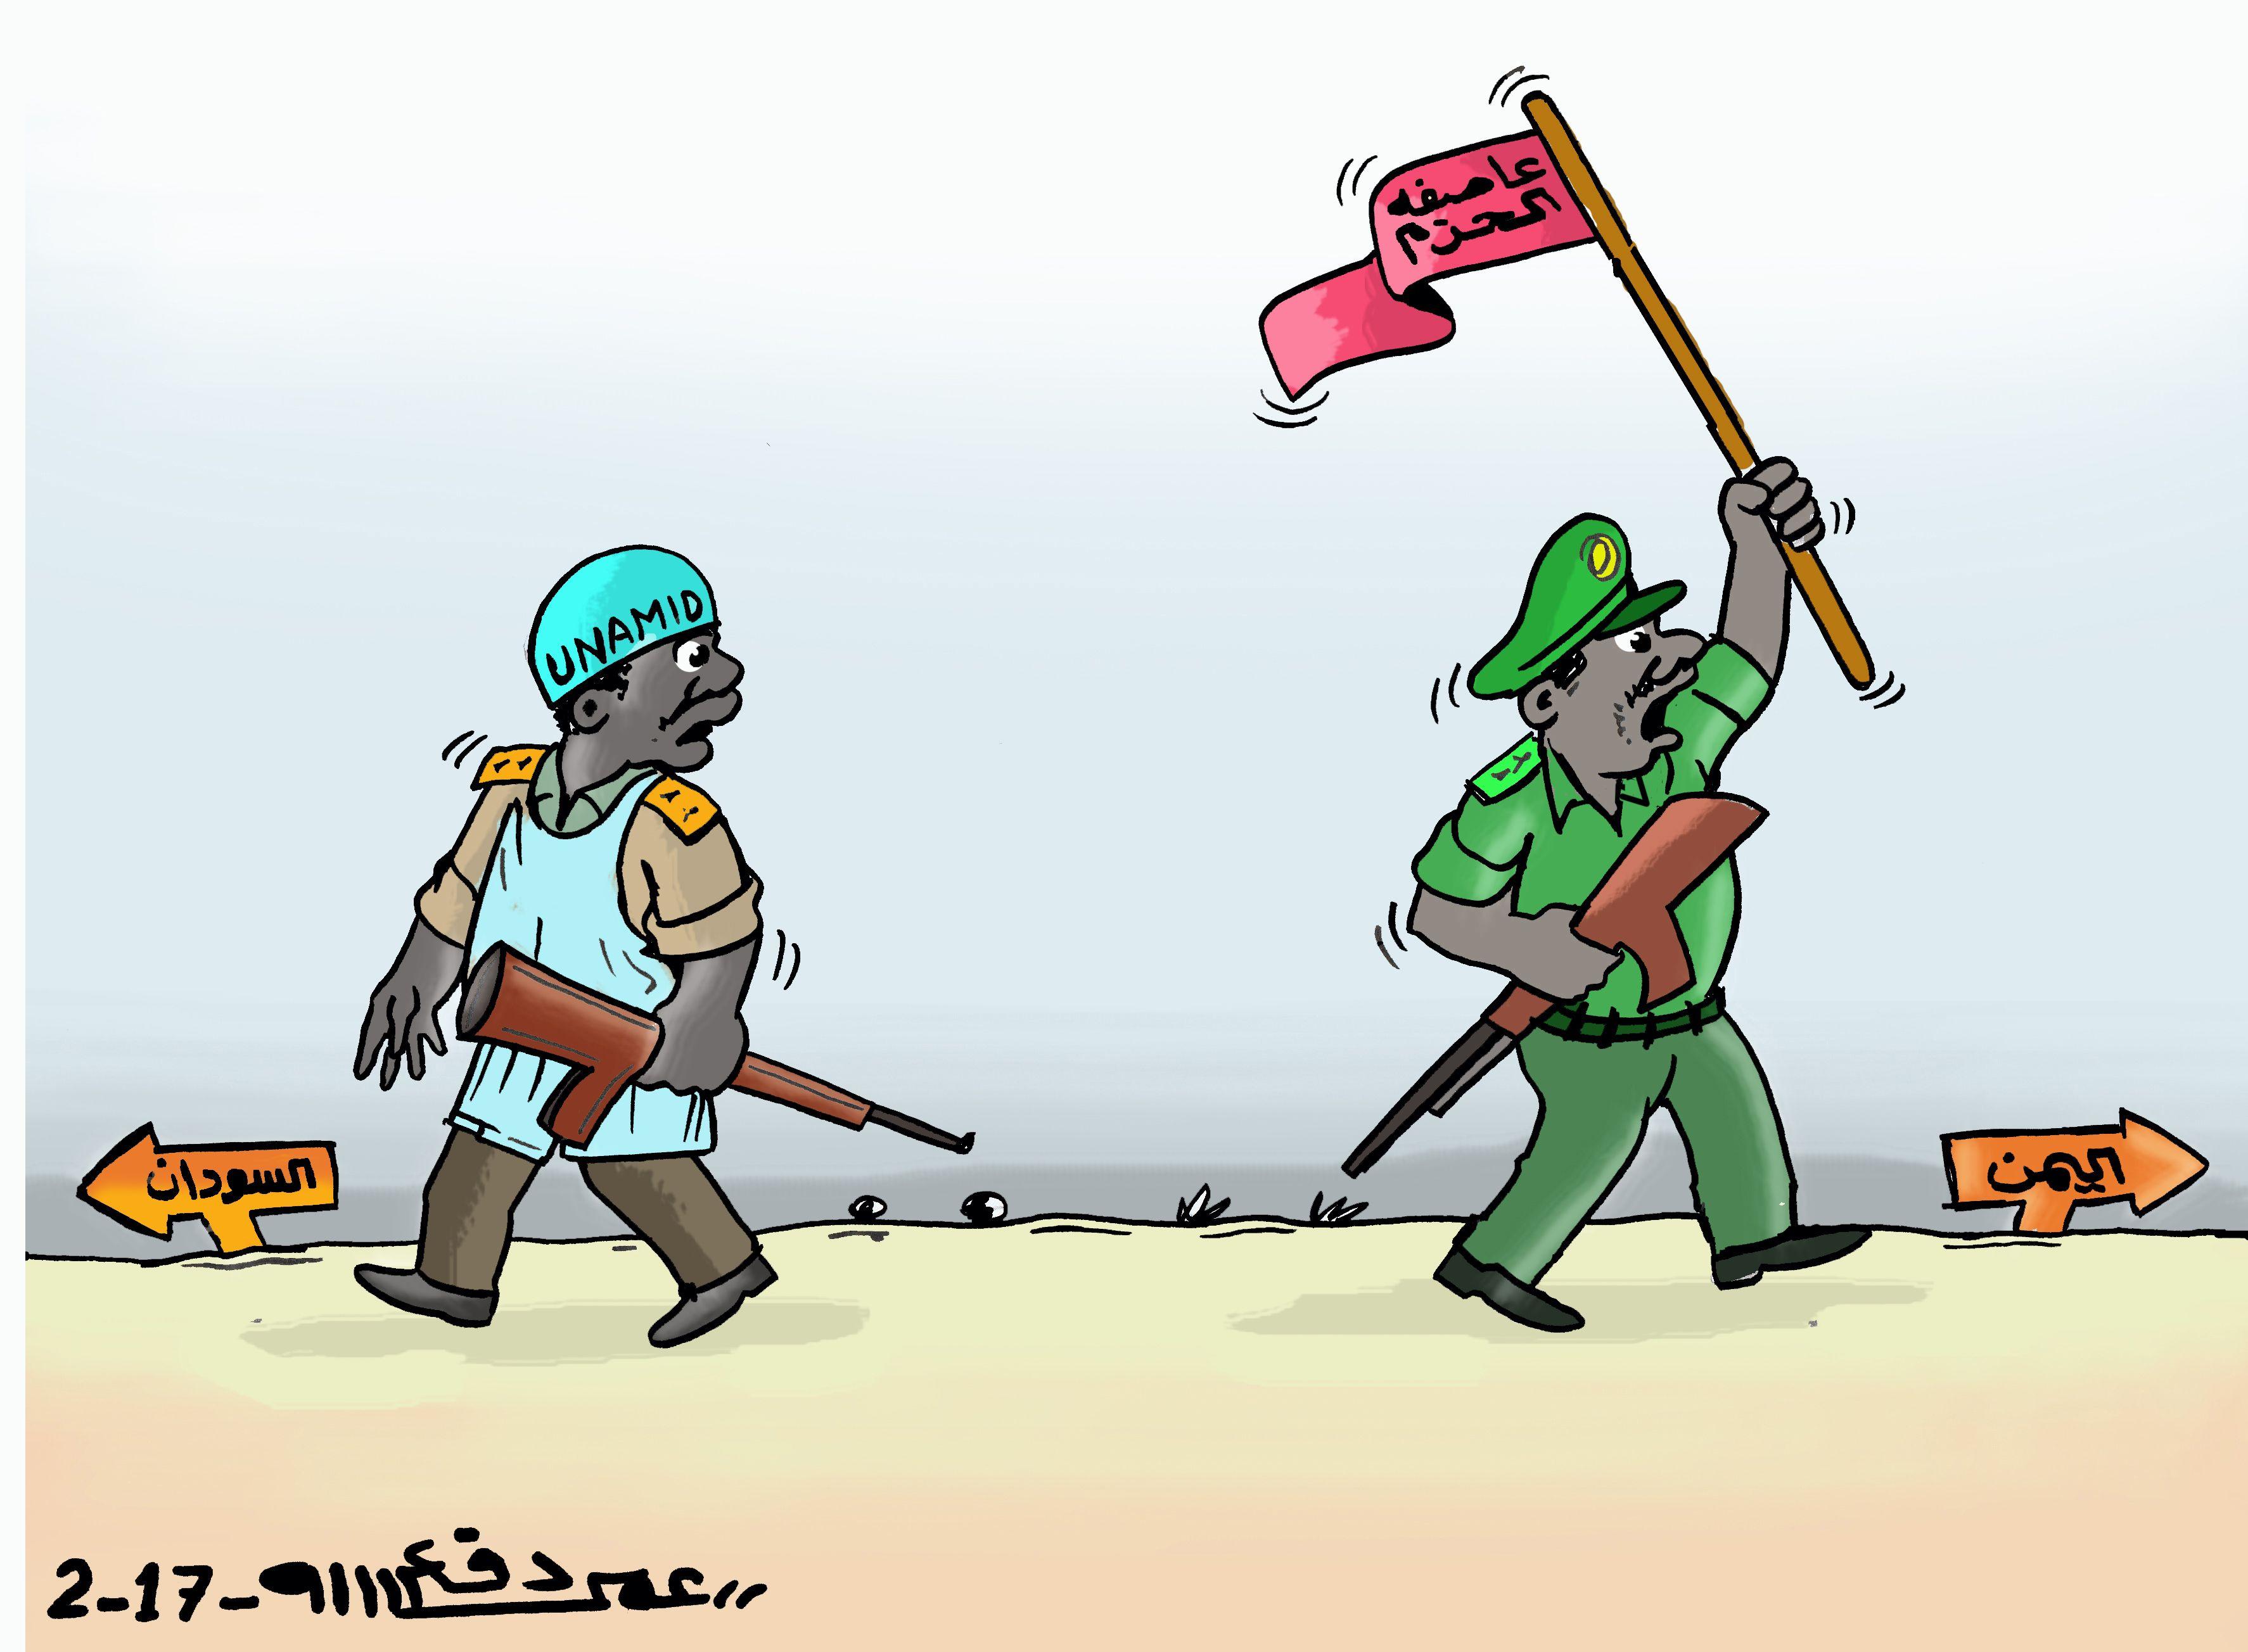 كاركاتير اليوم الموافق 01 مارس 2017 للفنان عمر دفع الله عن مشاركة السودان فى حرب اليمن